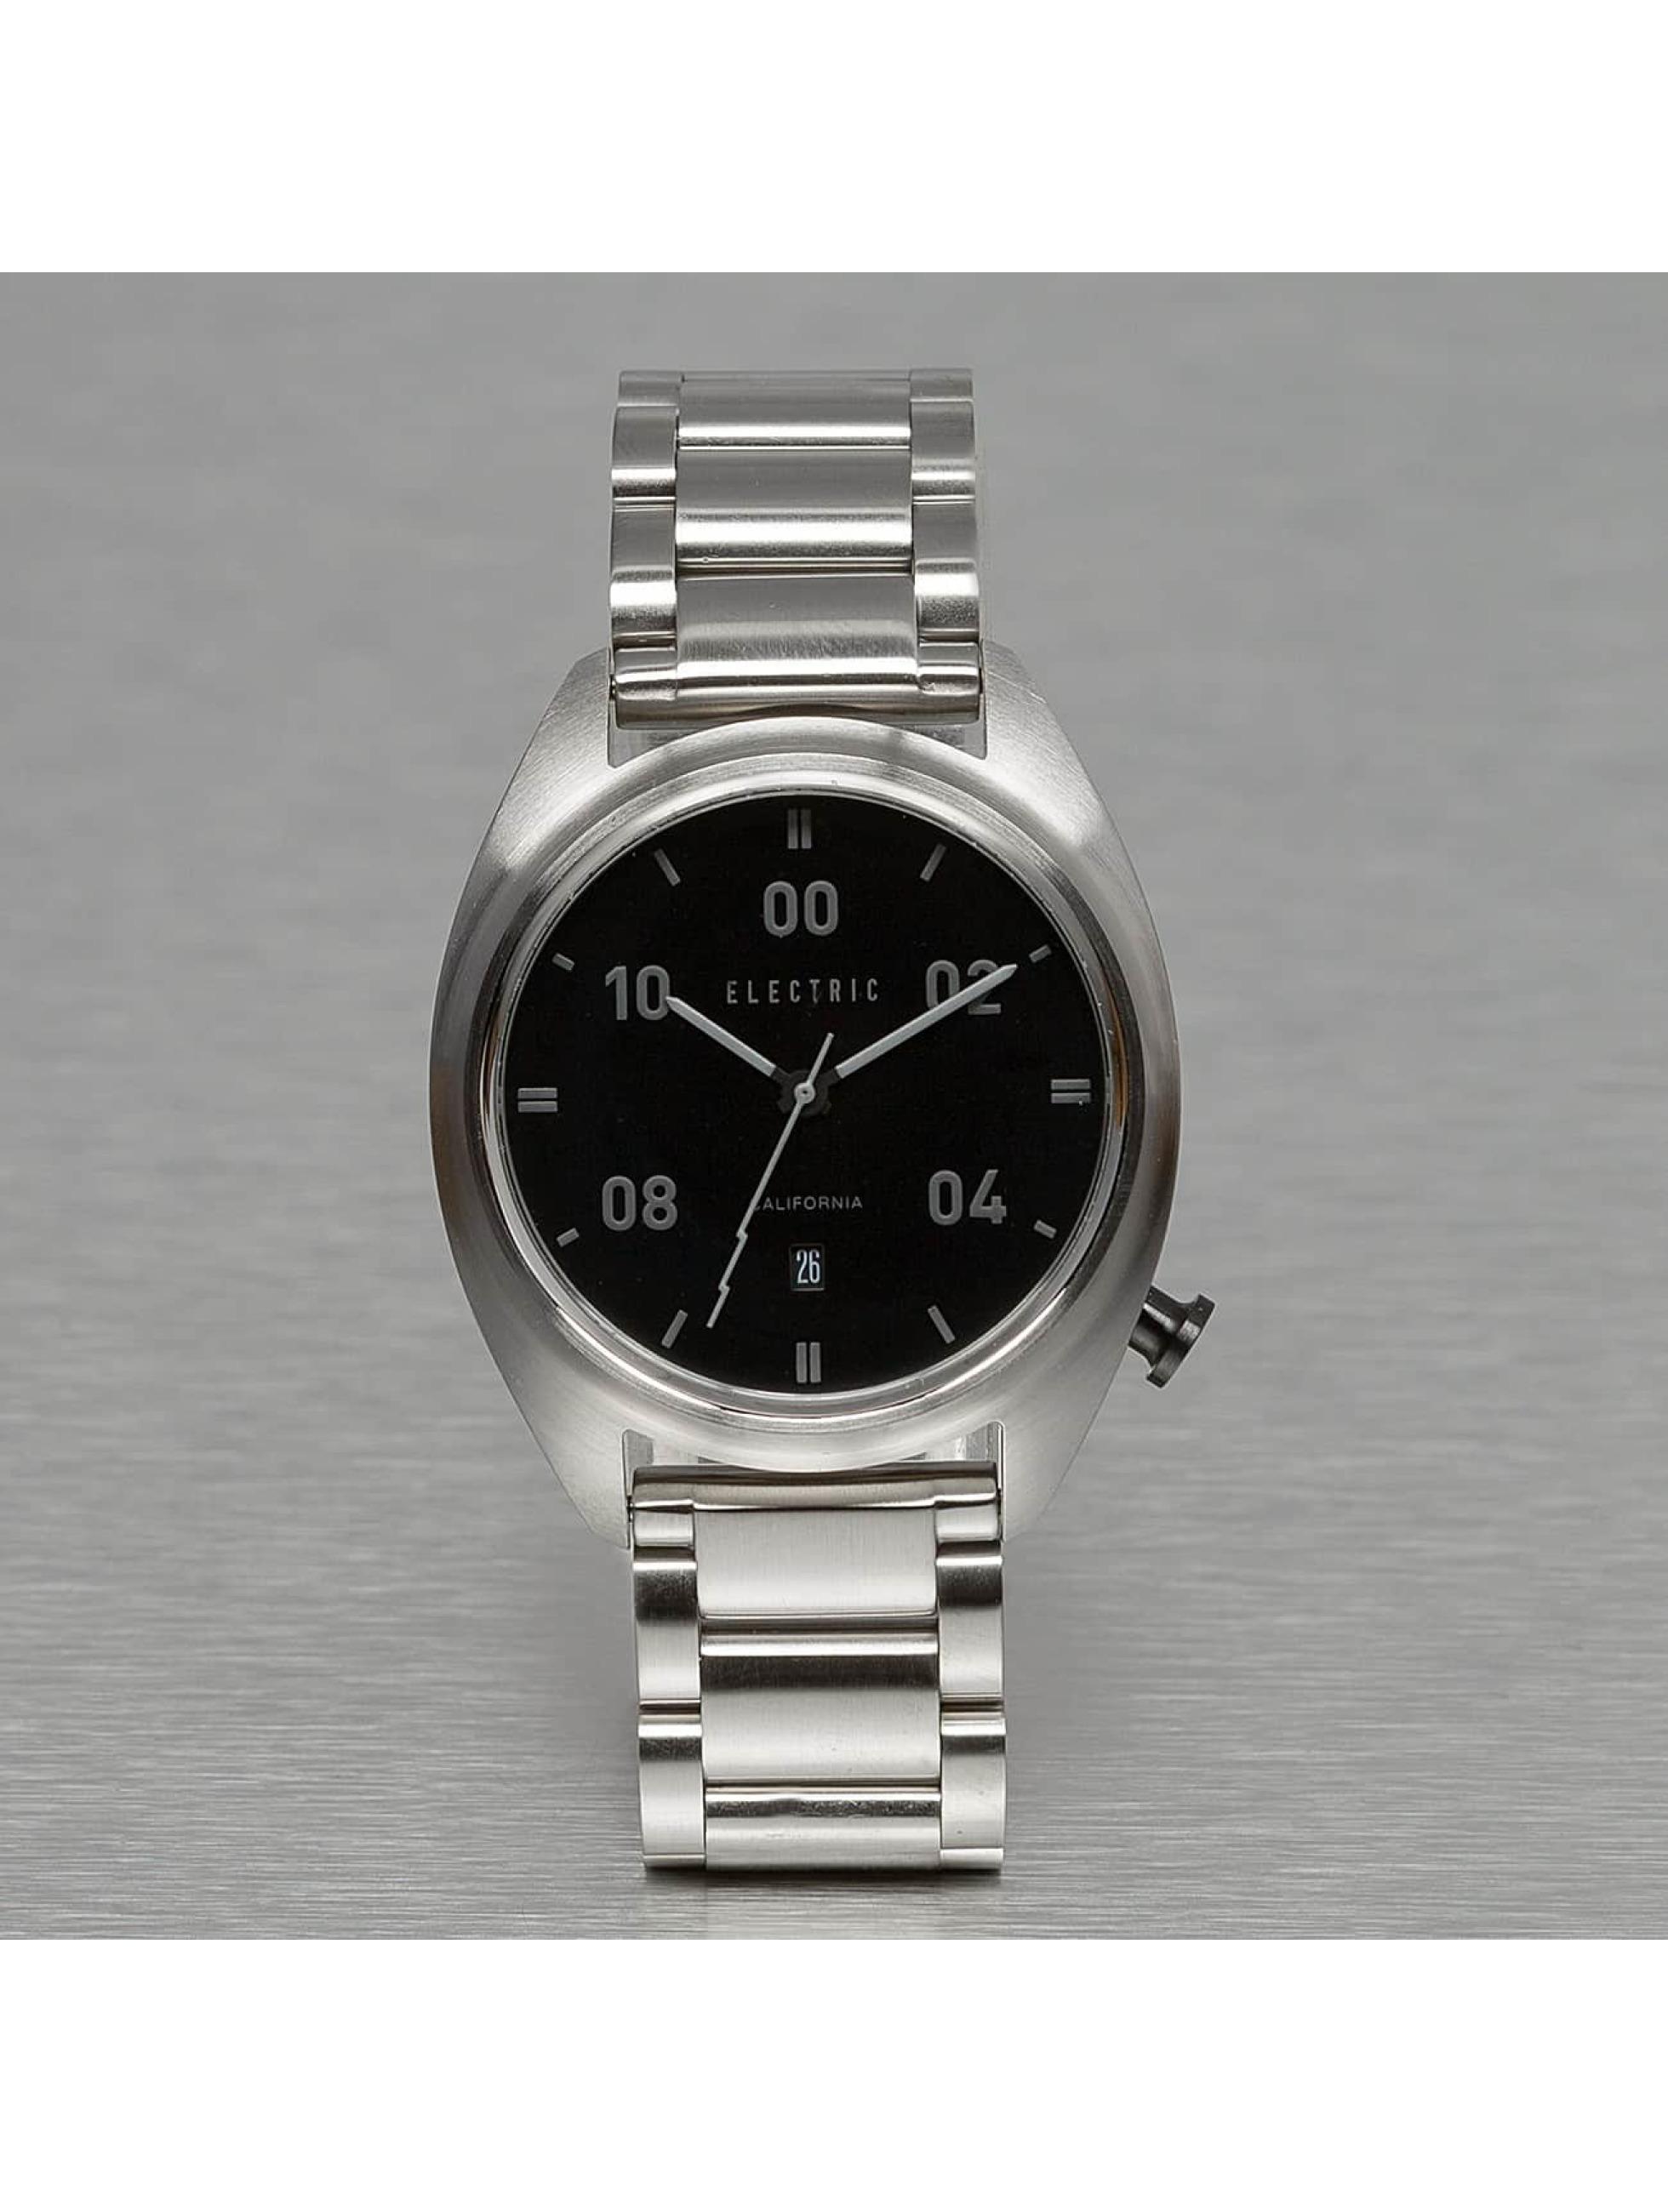 Electric Männer,Frauen Uhr OW01 Stainless Steel in grau